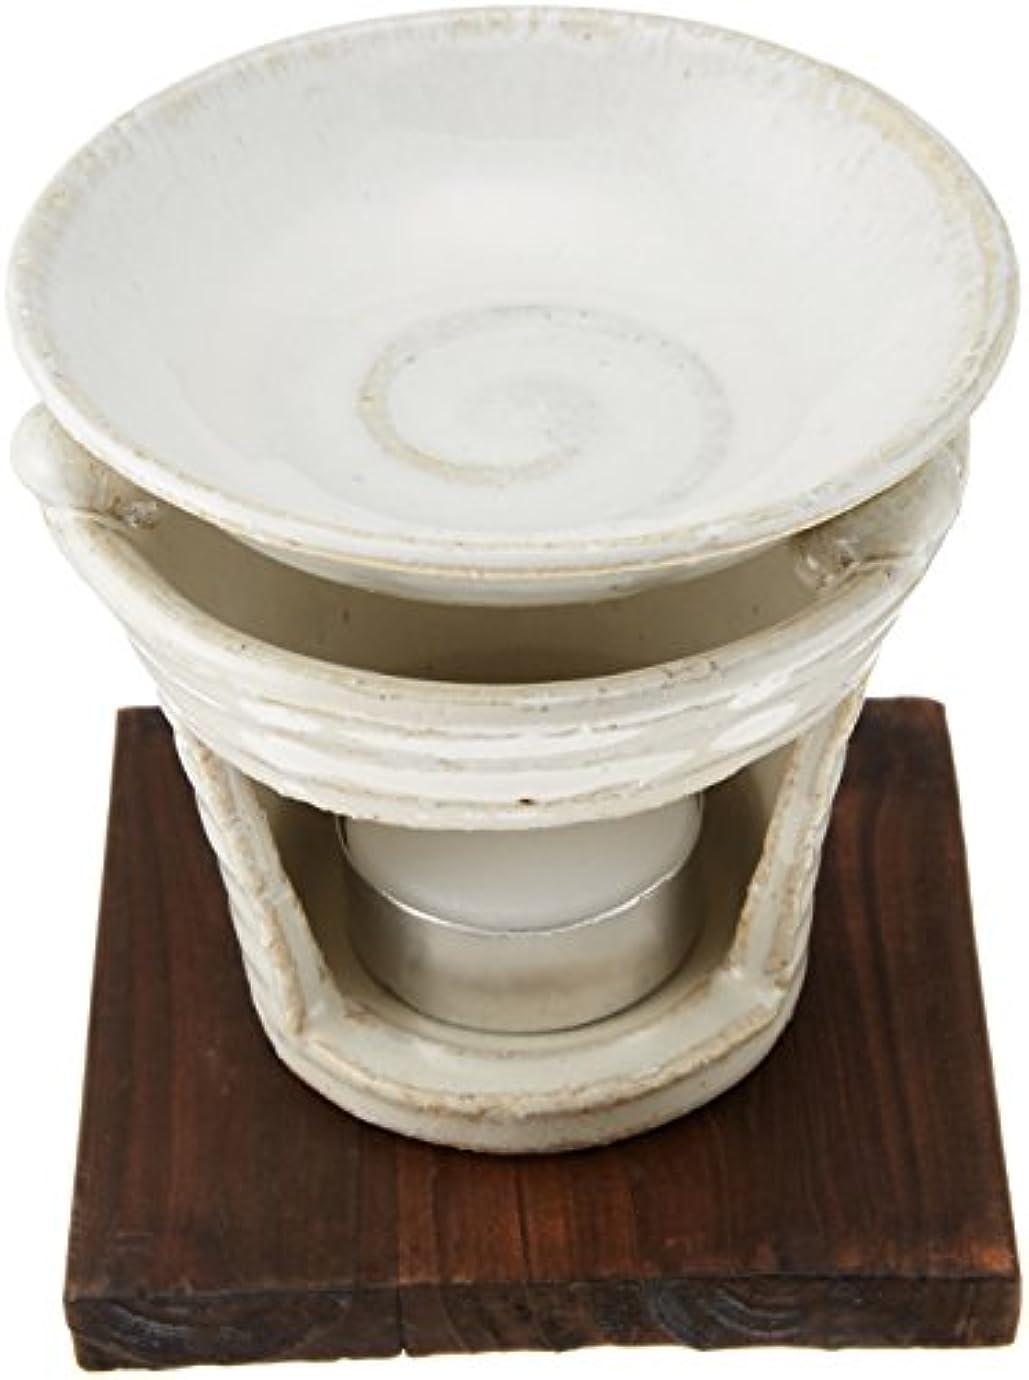 好きほとんどない可聴香炉 茶香炉 白萩 [H10cm] プレゼント ギフト 和食器 かわいい インテリア